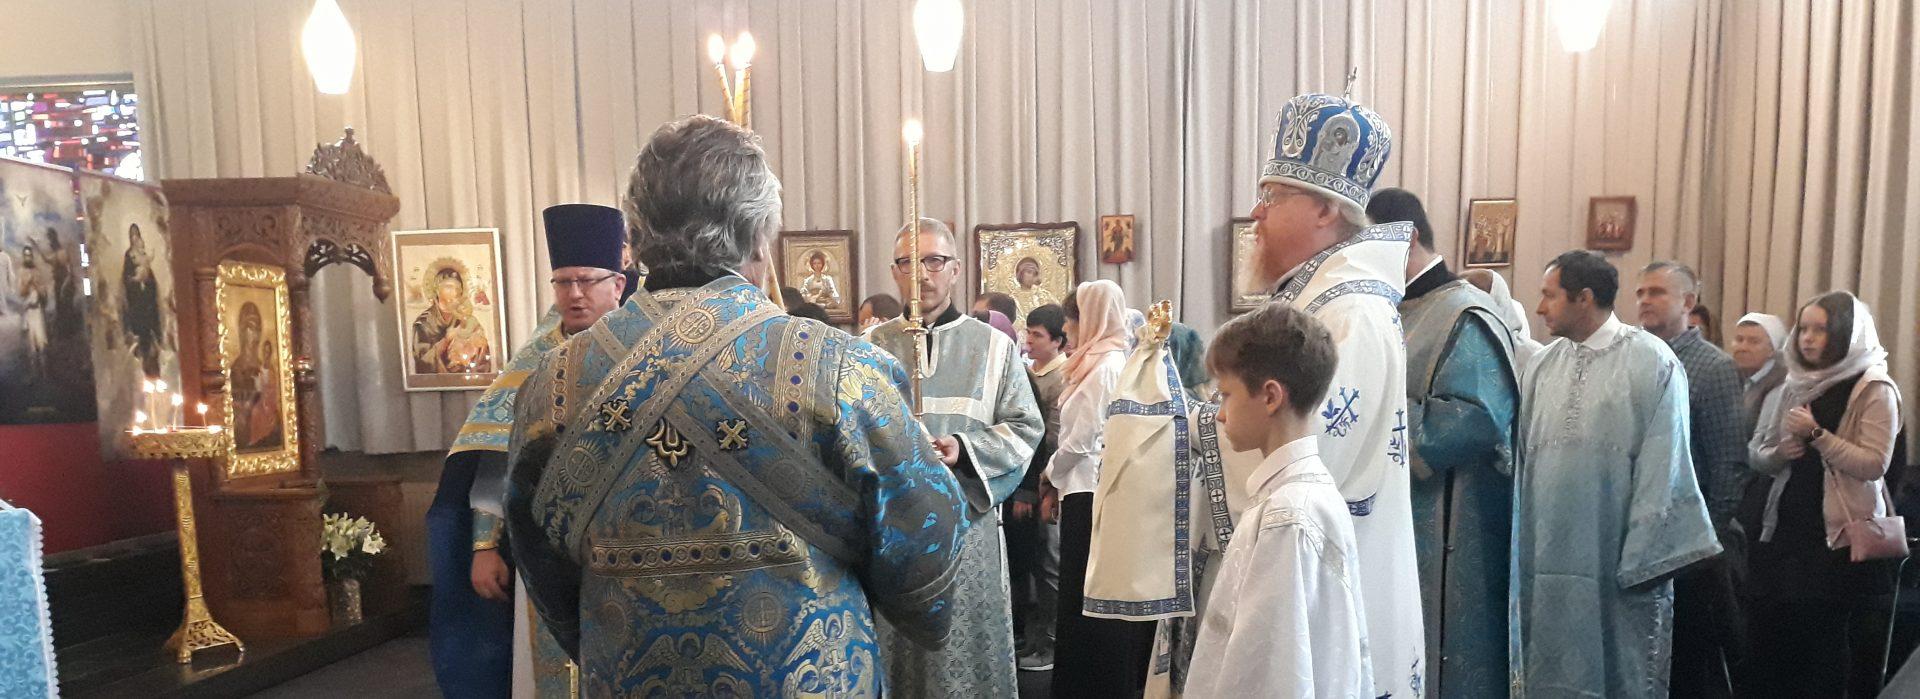 Православный приход святого Антония Великого в Мёнхенгладбахе